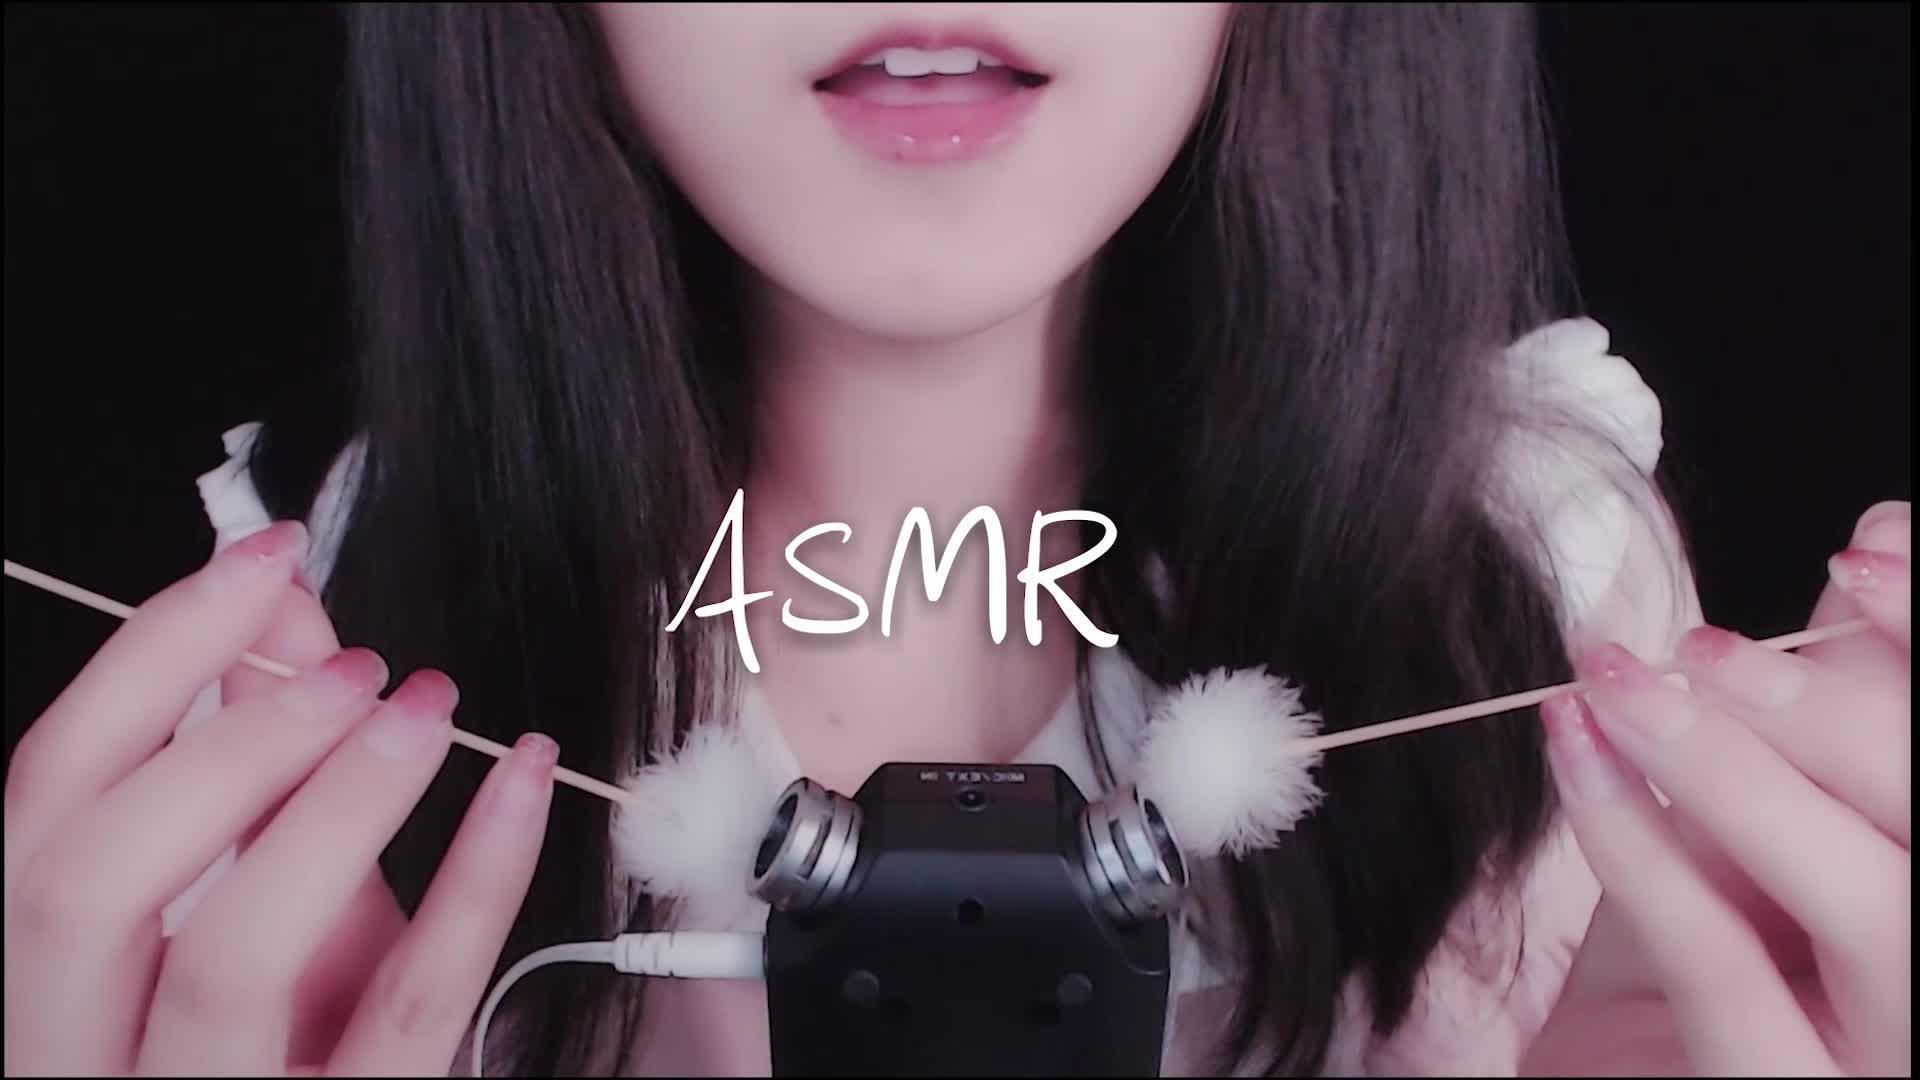 """专治失眠的""""ASMR"""",怎么就走进了游戏的分类标签"""